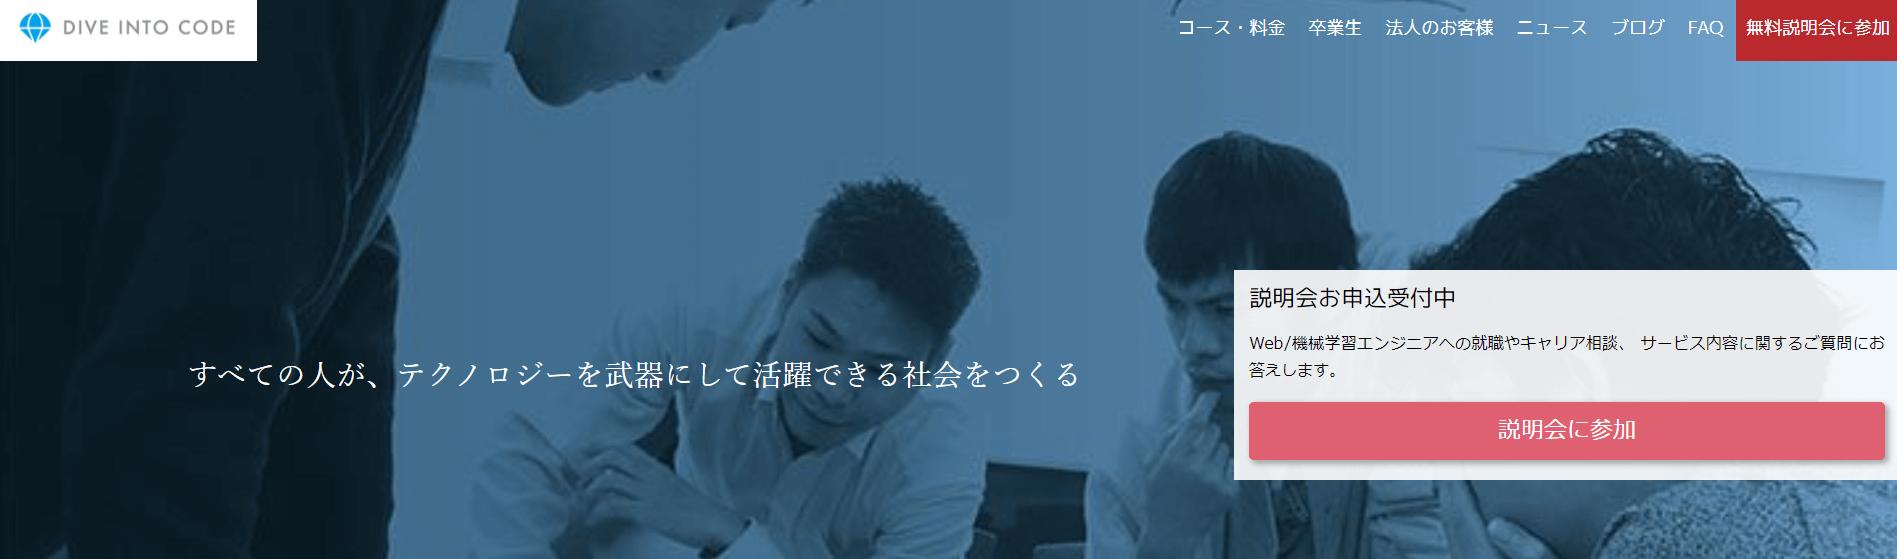 プログラミングスクール_無料_おすすめ_dive_into_code